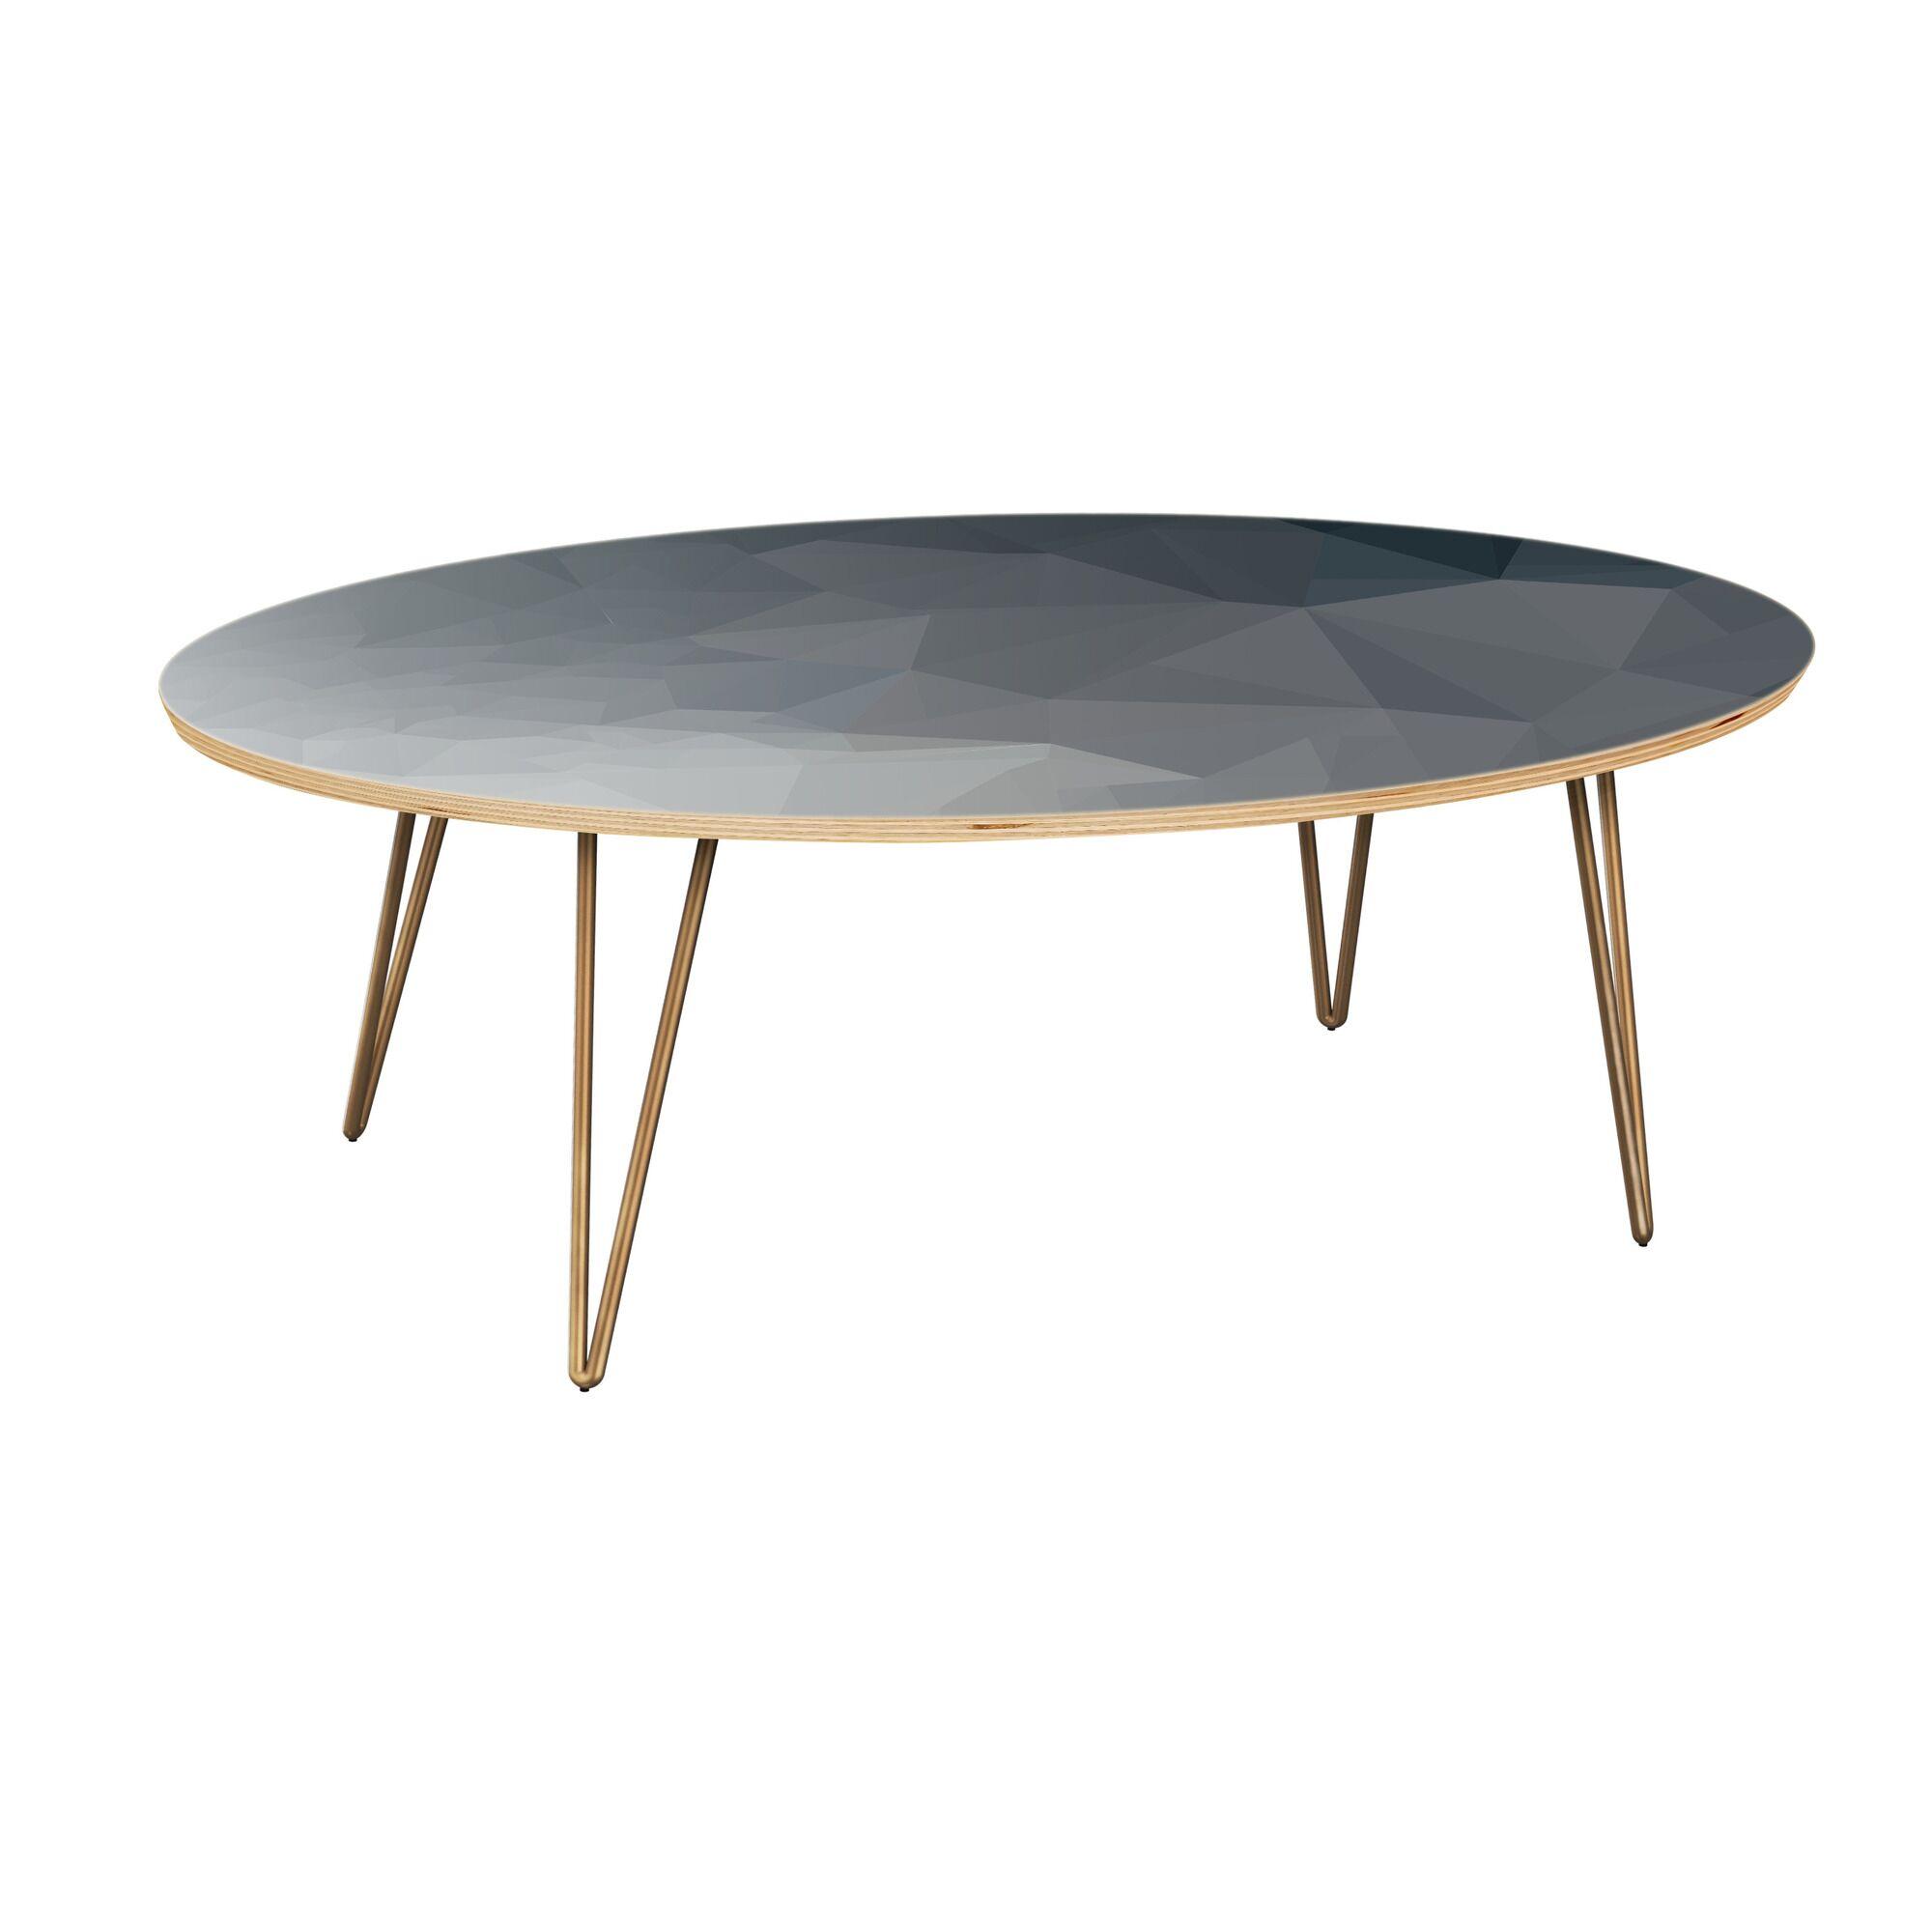 Henegar Coffee Table Table Top Boarder Color: Natural, Table Base Color: Brass, Table Top Color: Gray/Black